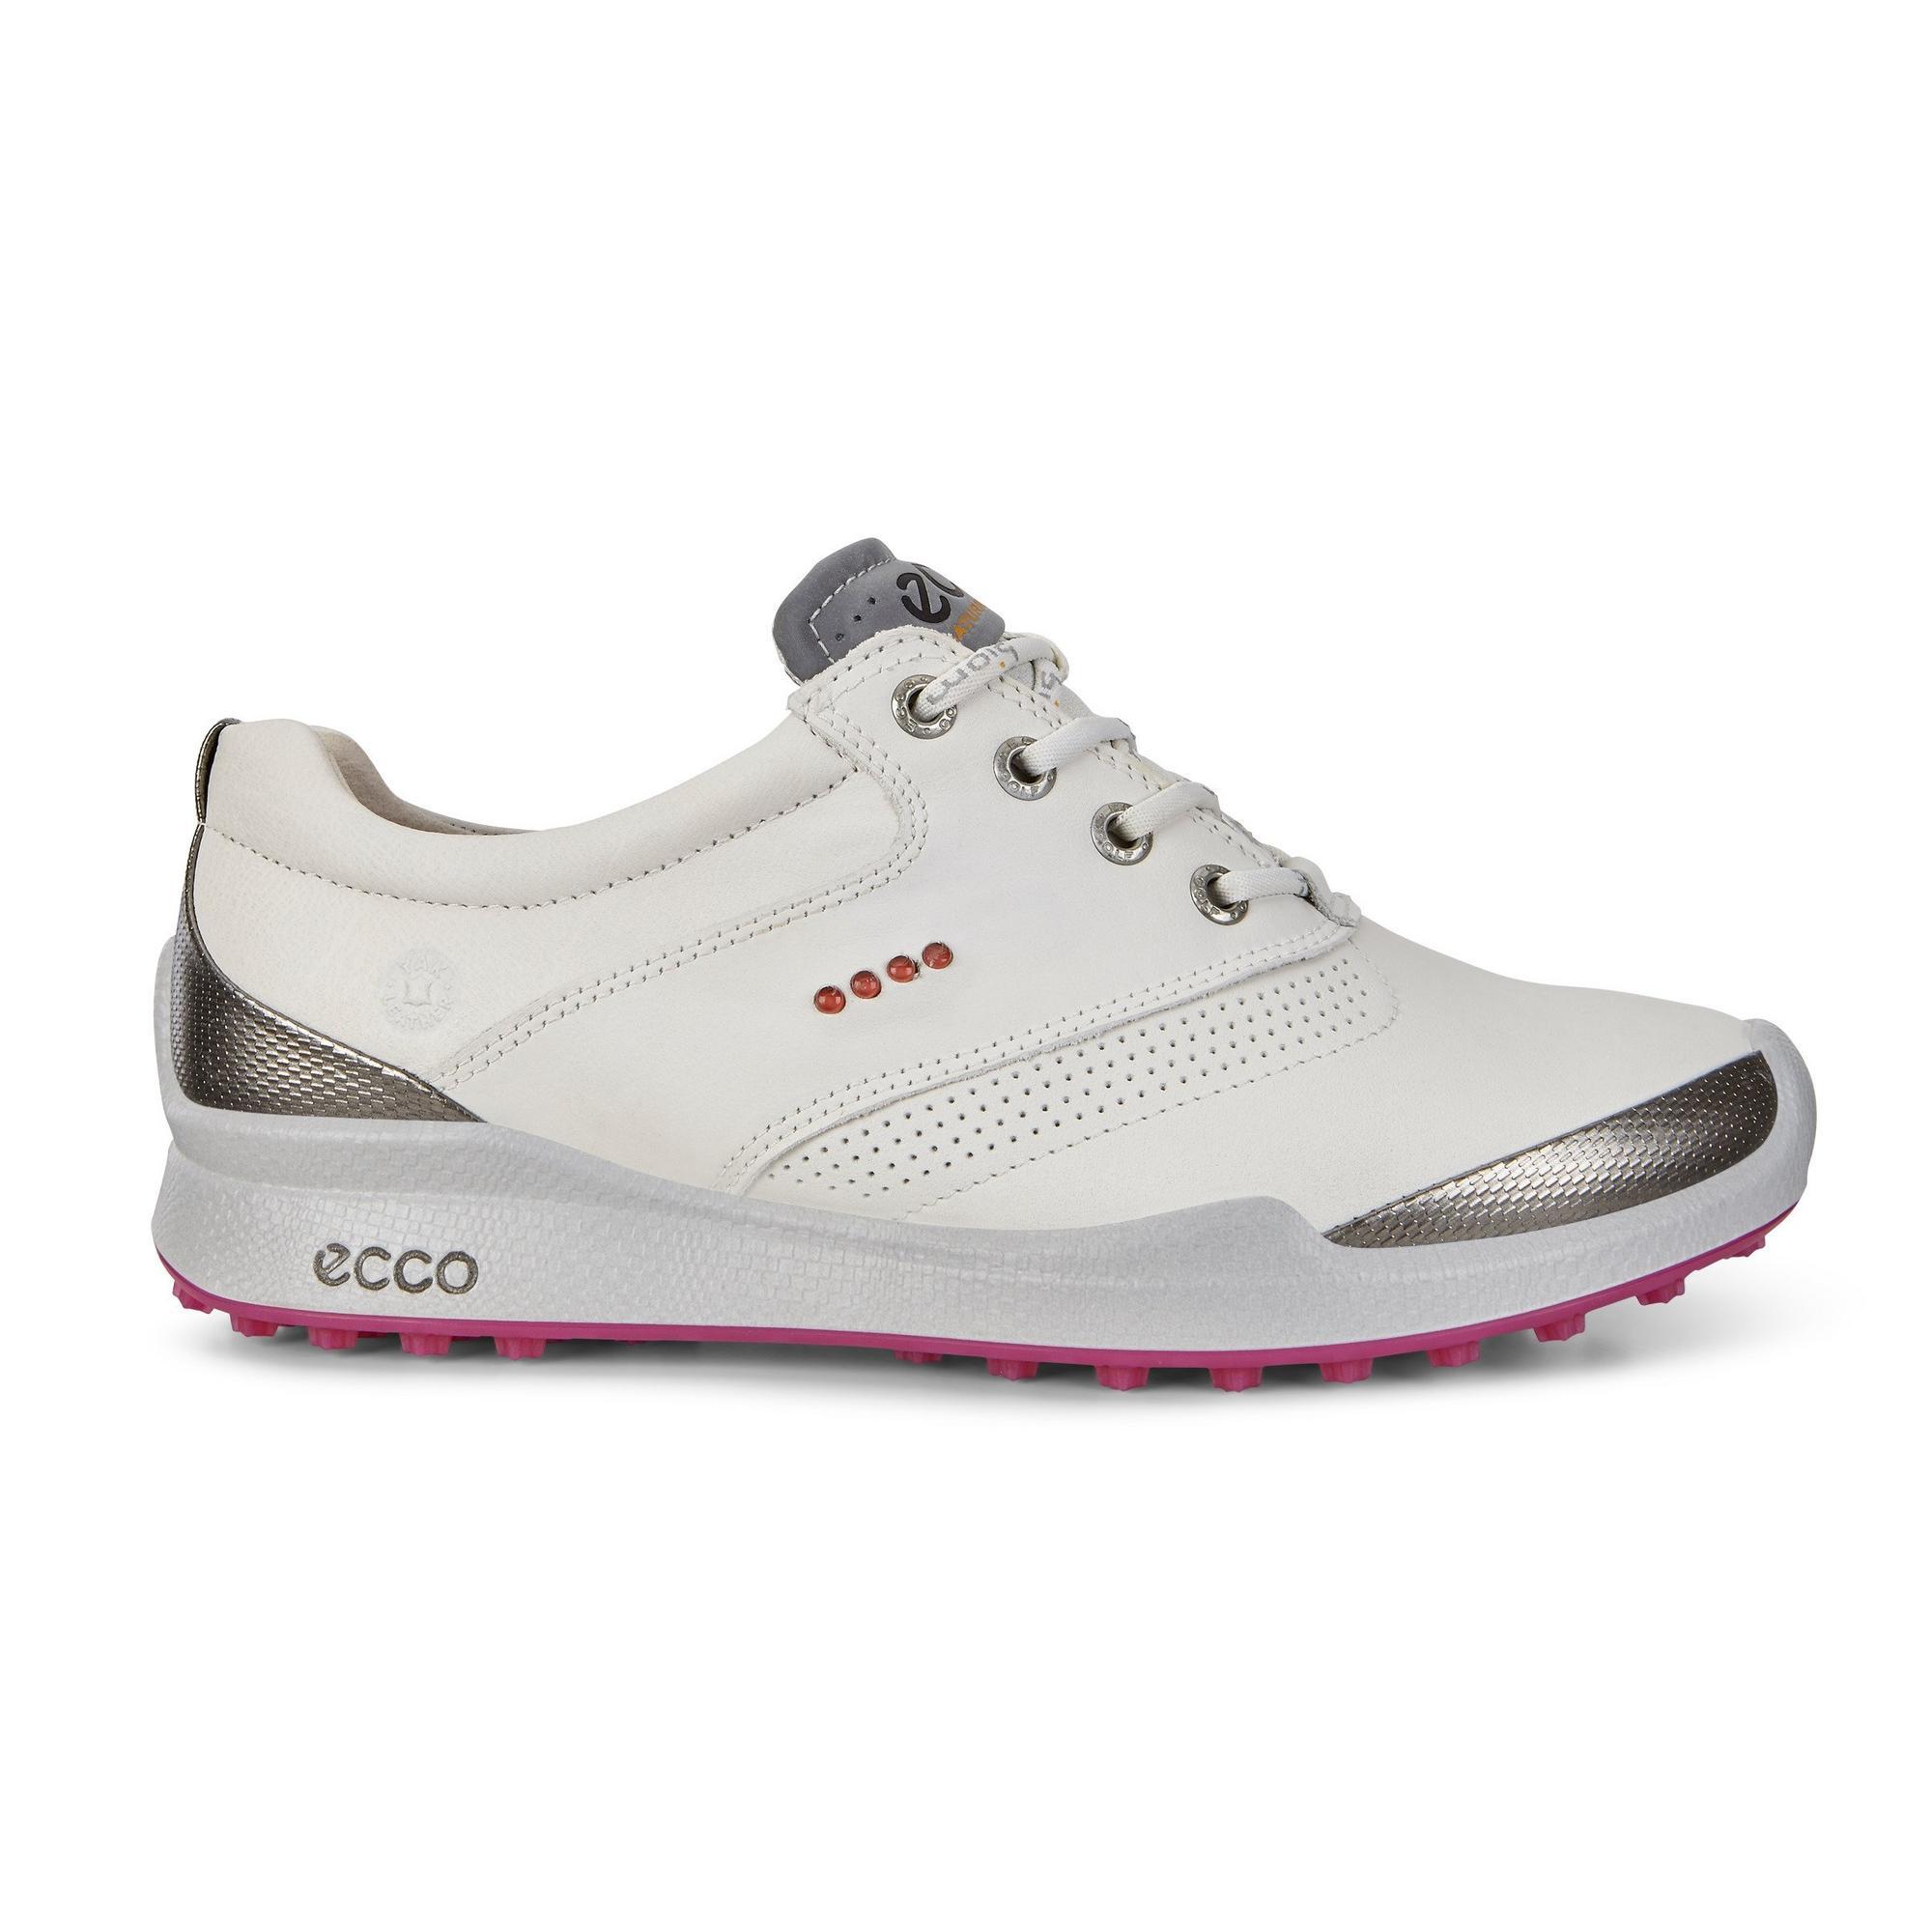 Women's Biom Hybird HM Spikeless Golf Shoe - WHT/PNK